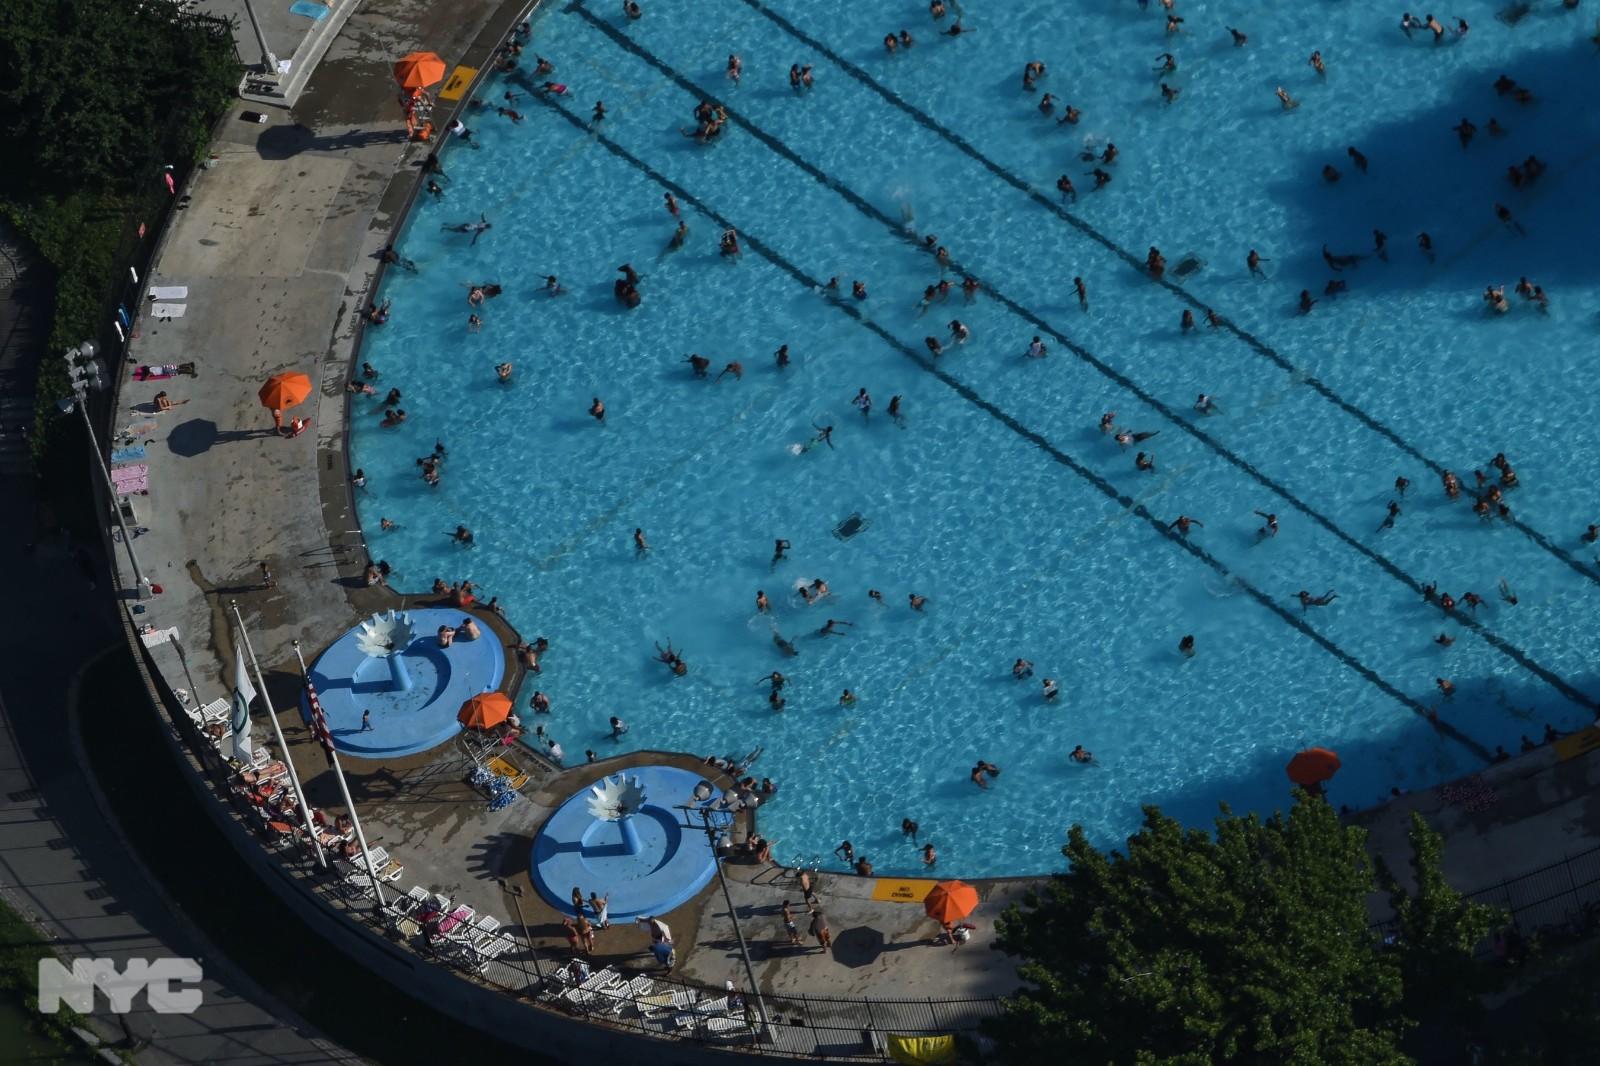 赶上国殇日长周末 纽约市公共海滩及泳池今年将按时开放_图1-4